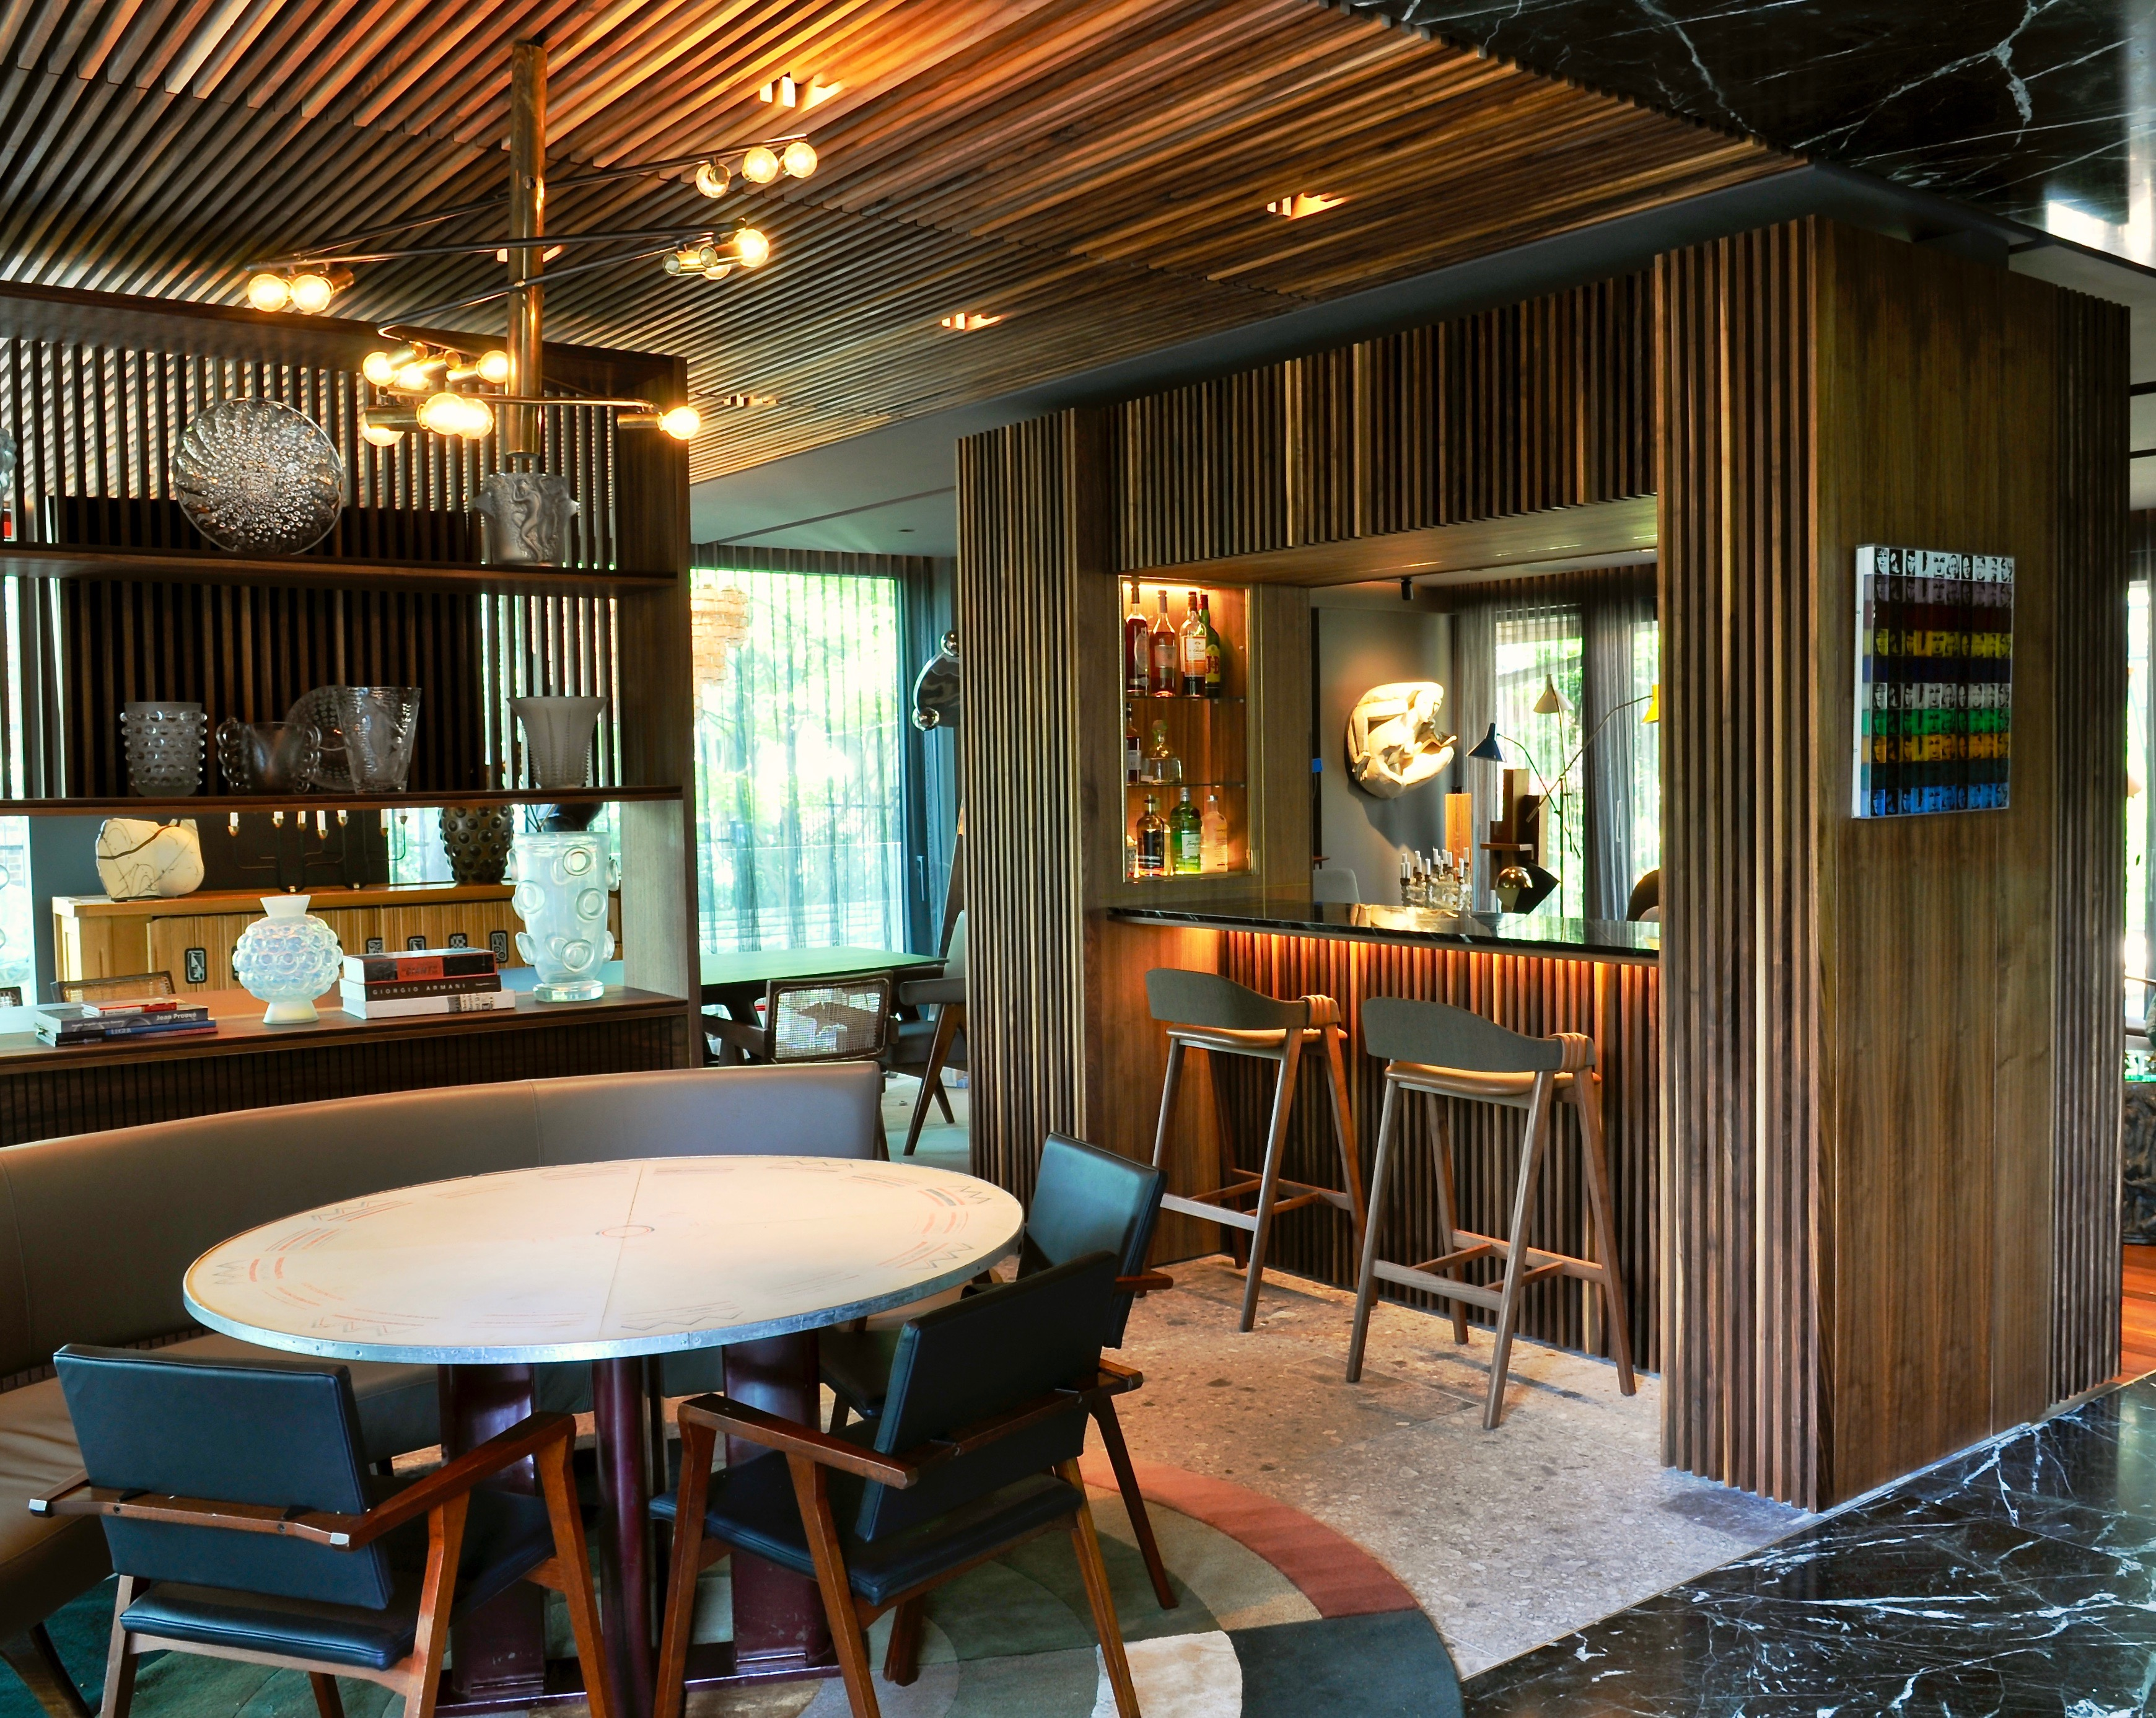 Aménagements et mobilier architectural de salon, cuisine, bar, et walk-in dans la chambre. Noyer plaqué huilé. fabriqué sur mesure par Amik Ébénisterie à Montréal.